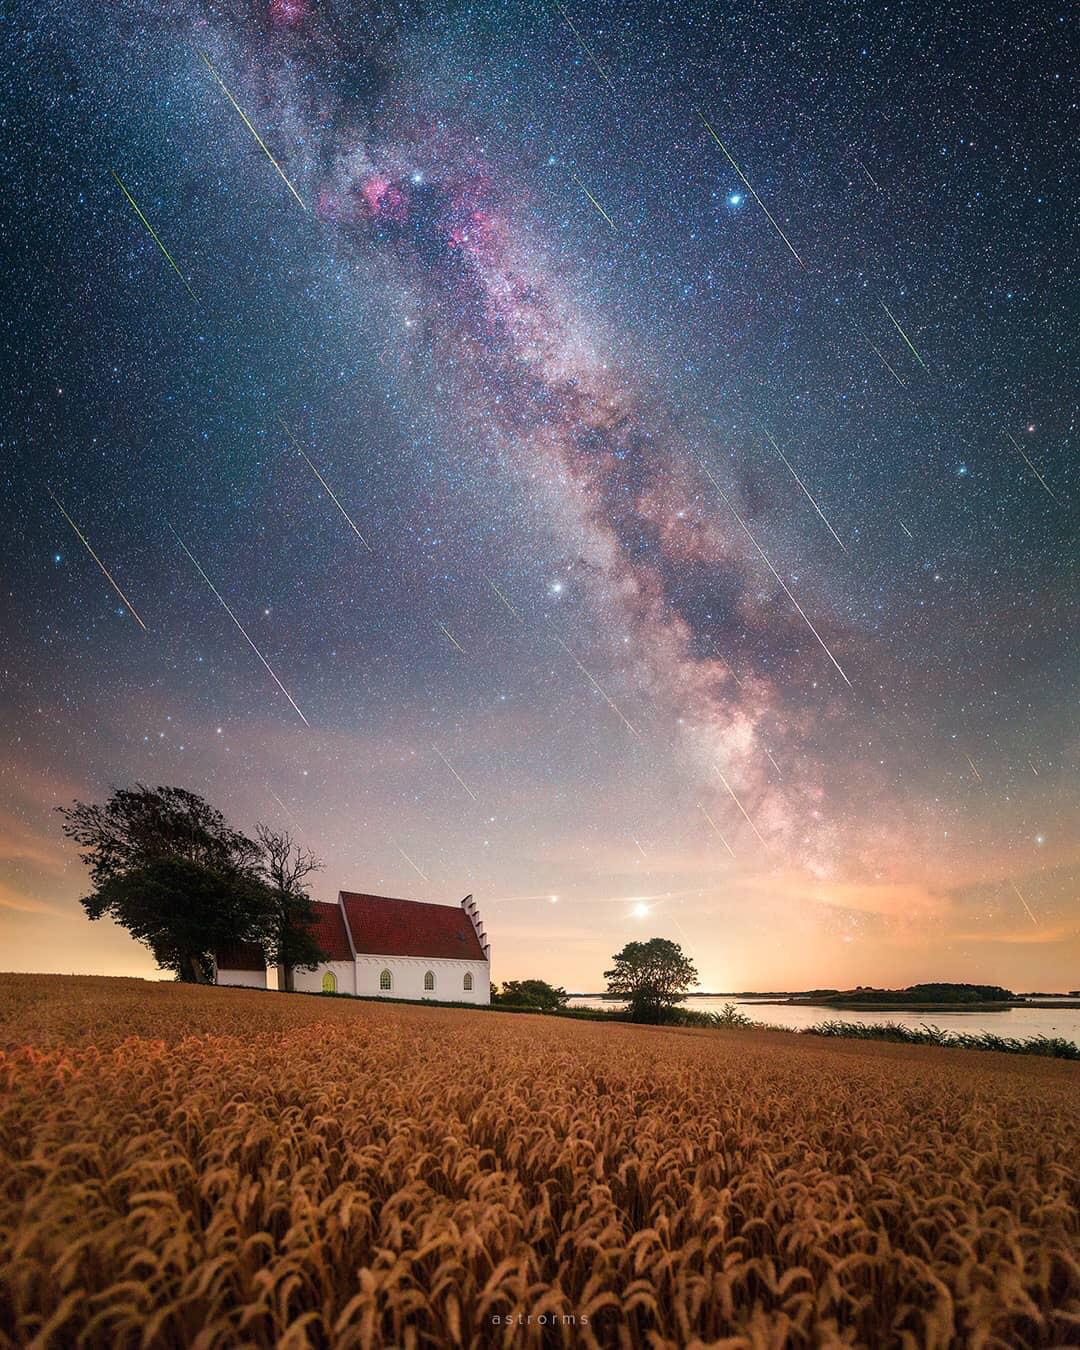 🔥 Perseid meteor shower 2020 under the dark skies of Samsø